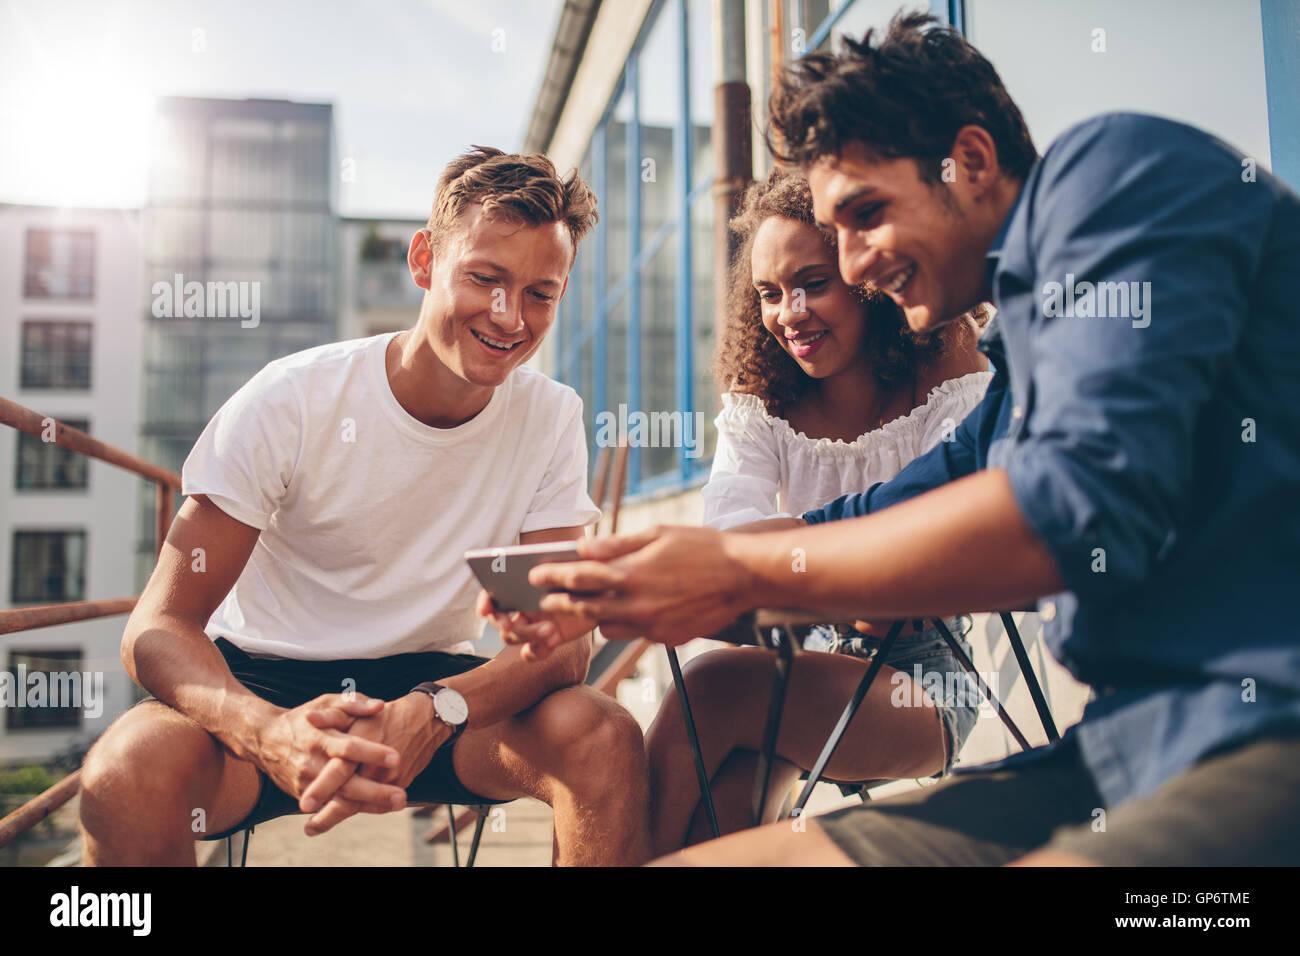 Gruppo di persone a guardare video sul telefono cellulare mentre è seduto alla outdoor cafe. Tre giovani amici Immagini Stock